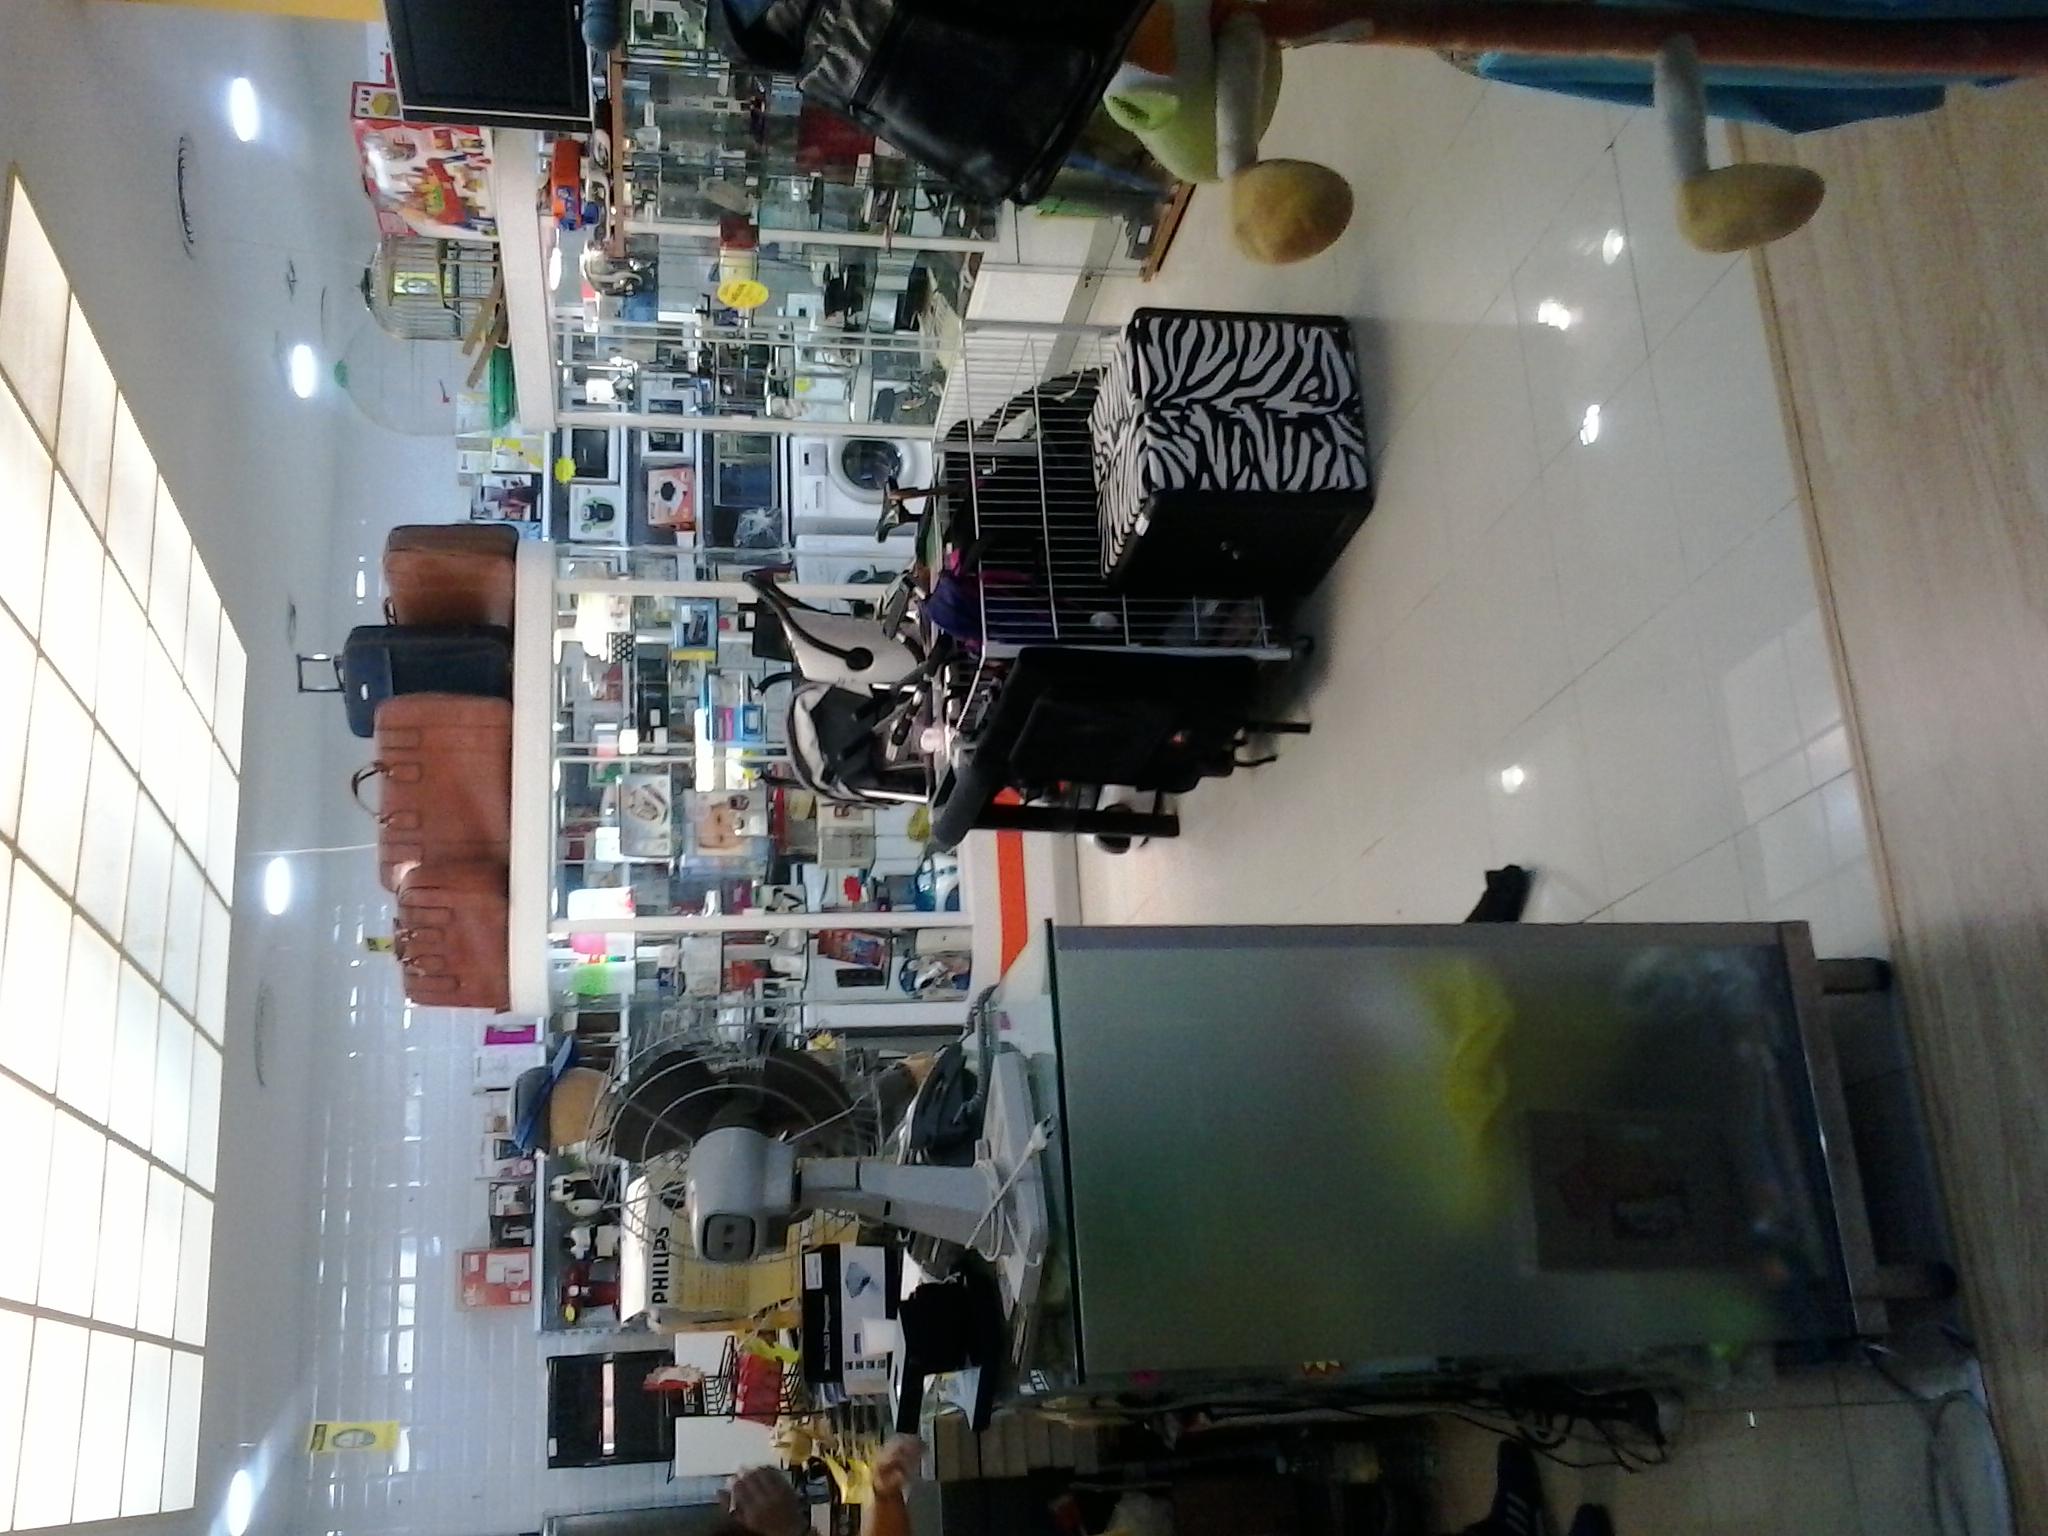 Major Store Tienda Segunda Mano Fuenlabrada Tienda Segunda Mano  # Muebles Tienda Segunda Mano